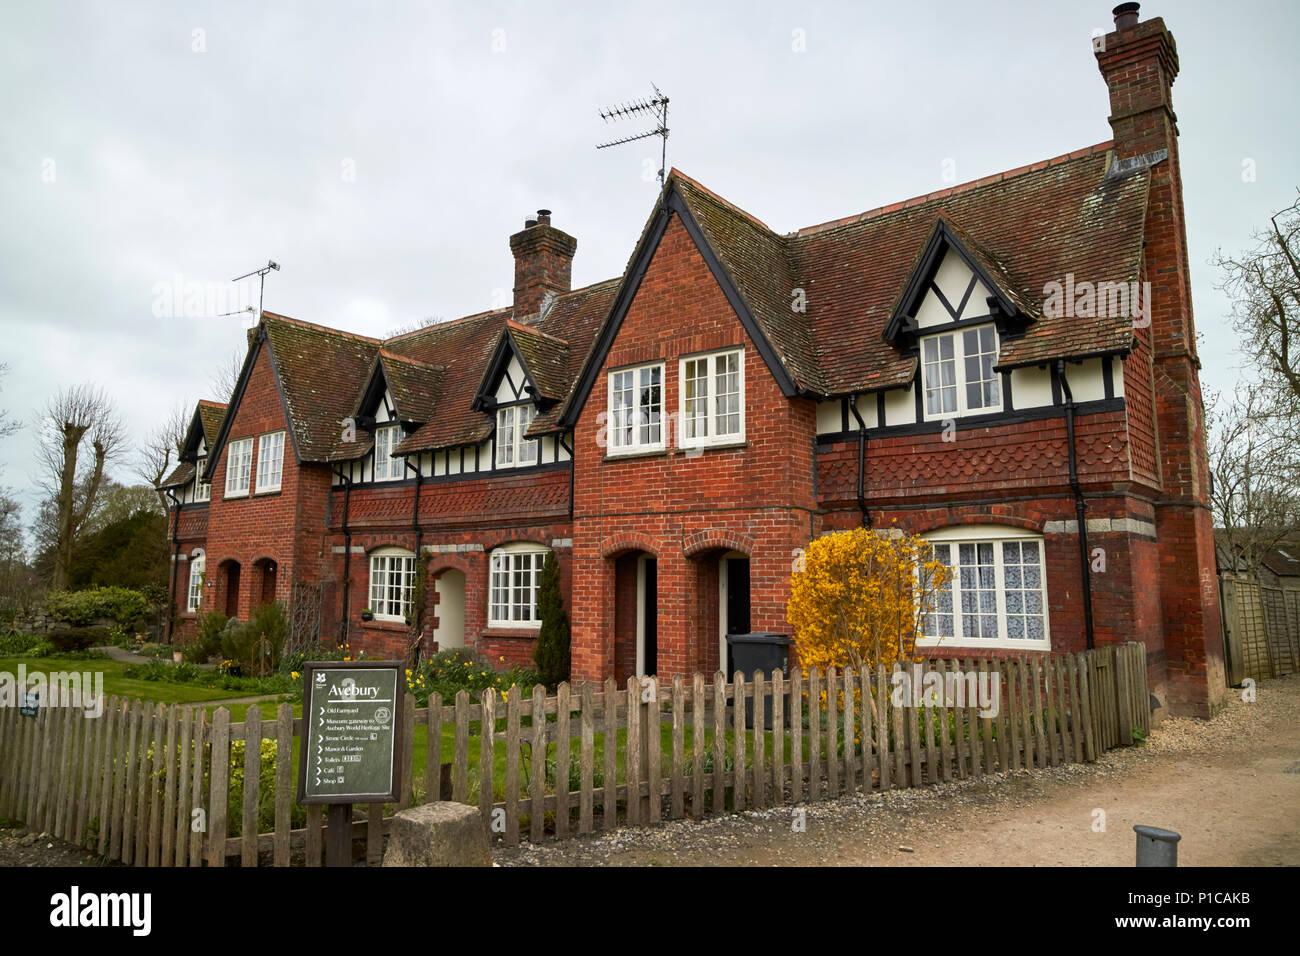 Avebury High Street Terraza De Casas De Teh Meux Inmuebles